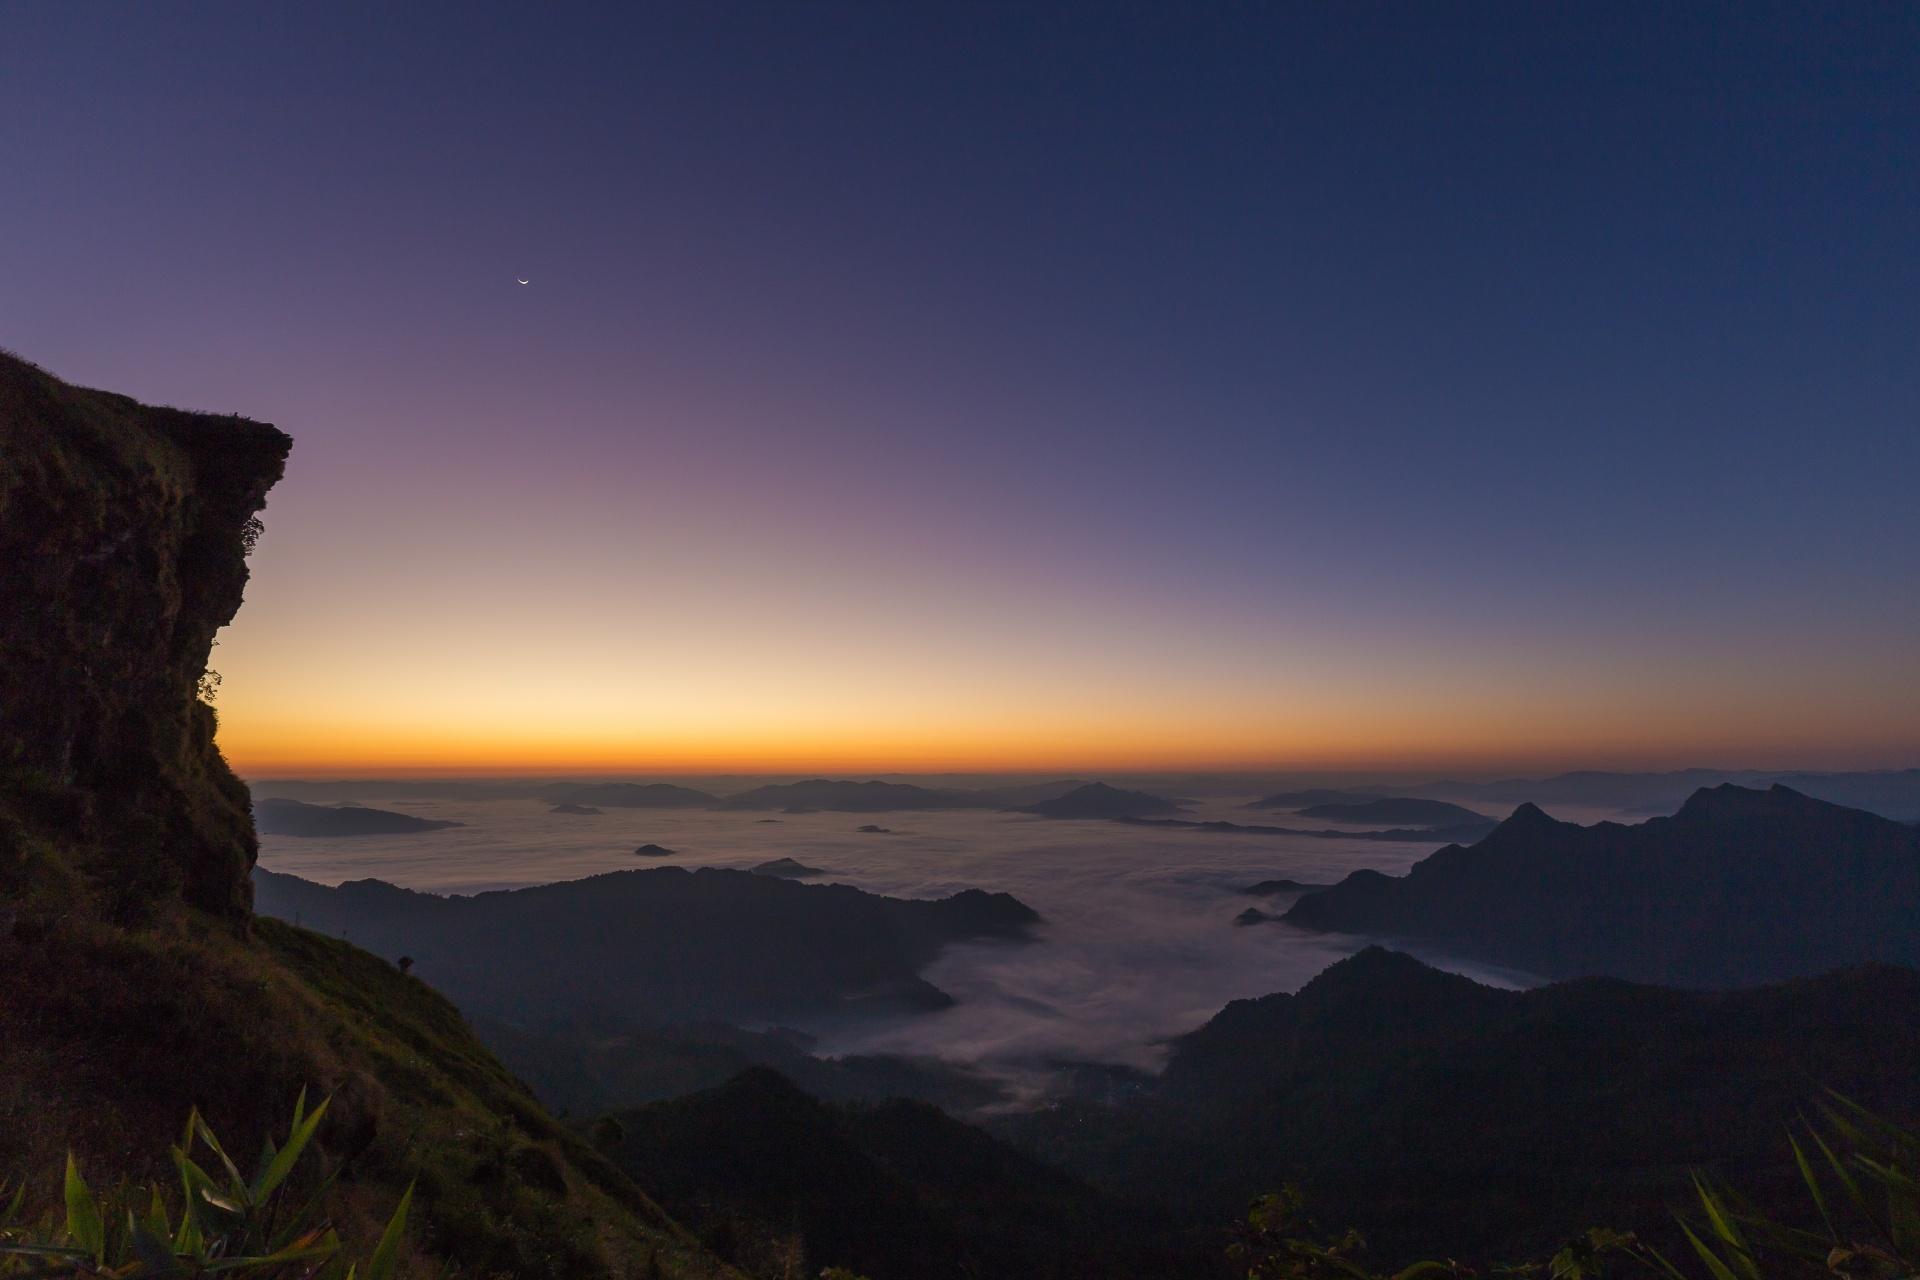 プーチーファーの風景 タイの風景